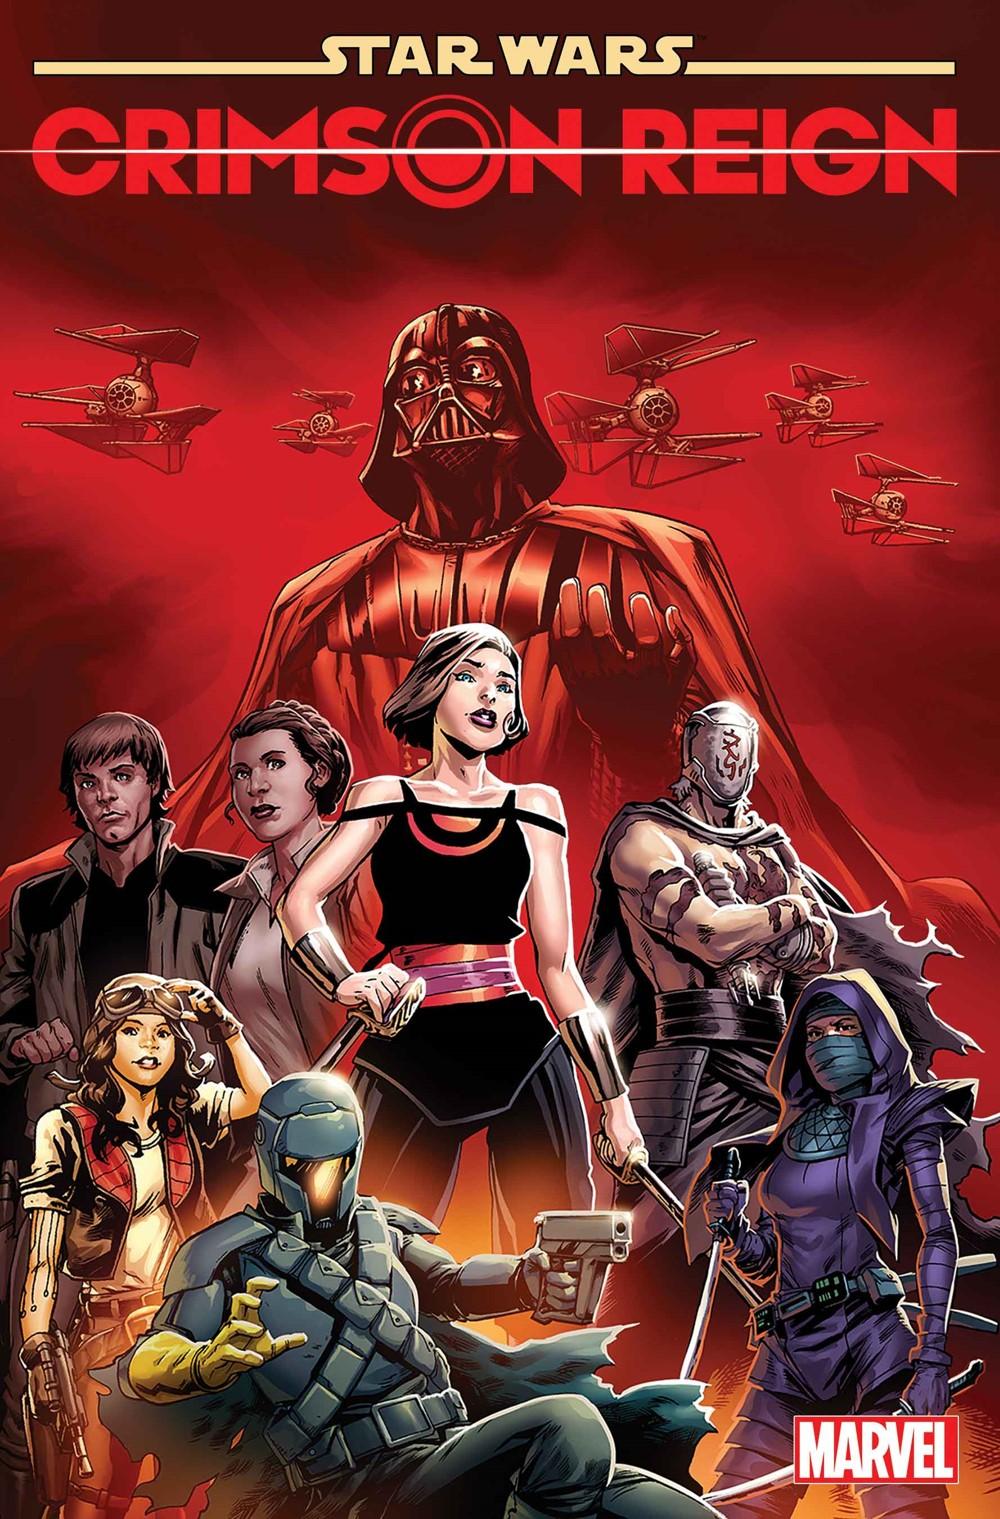 STW_Crimson_Reign_001_VAR Marvel Comics December 2021 Solicitations